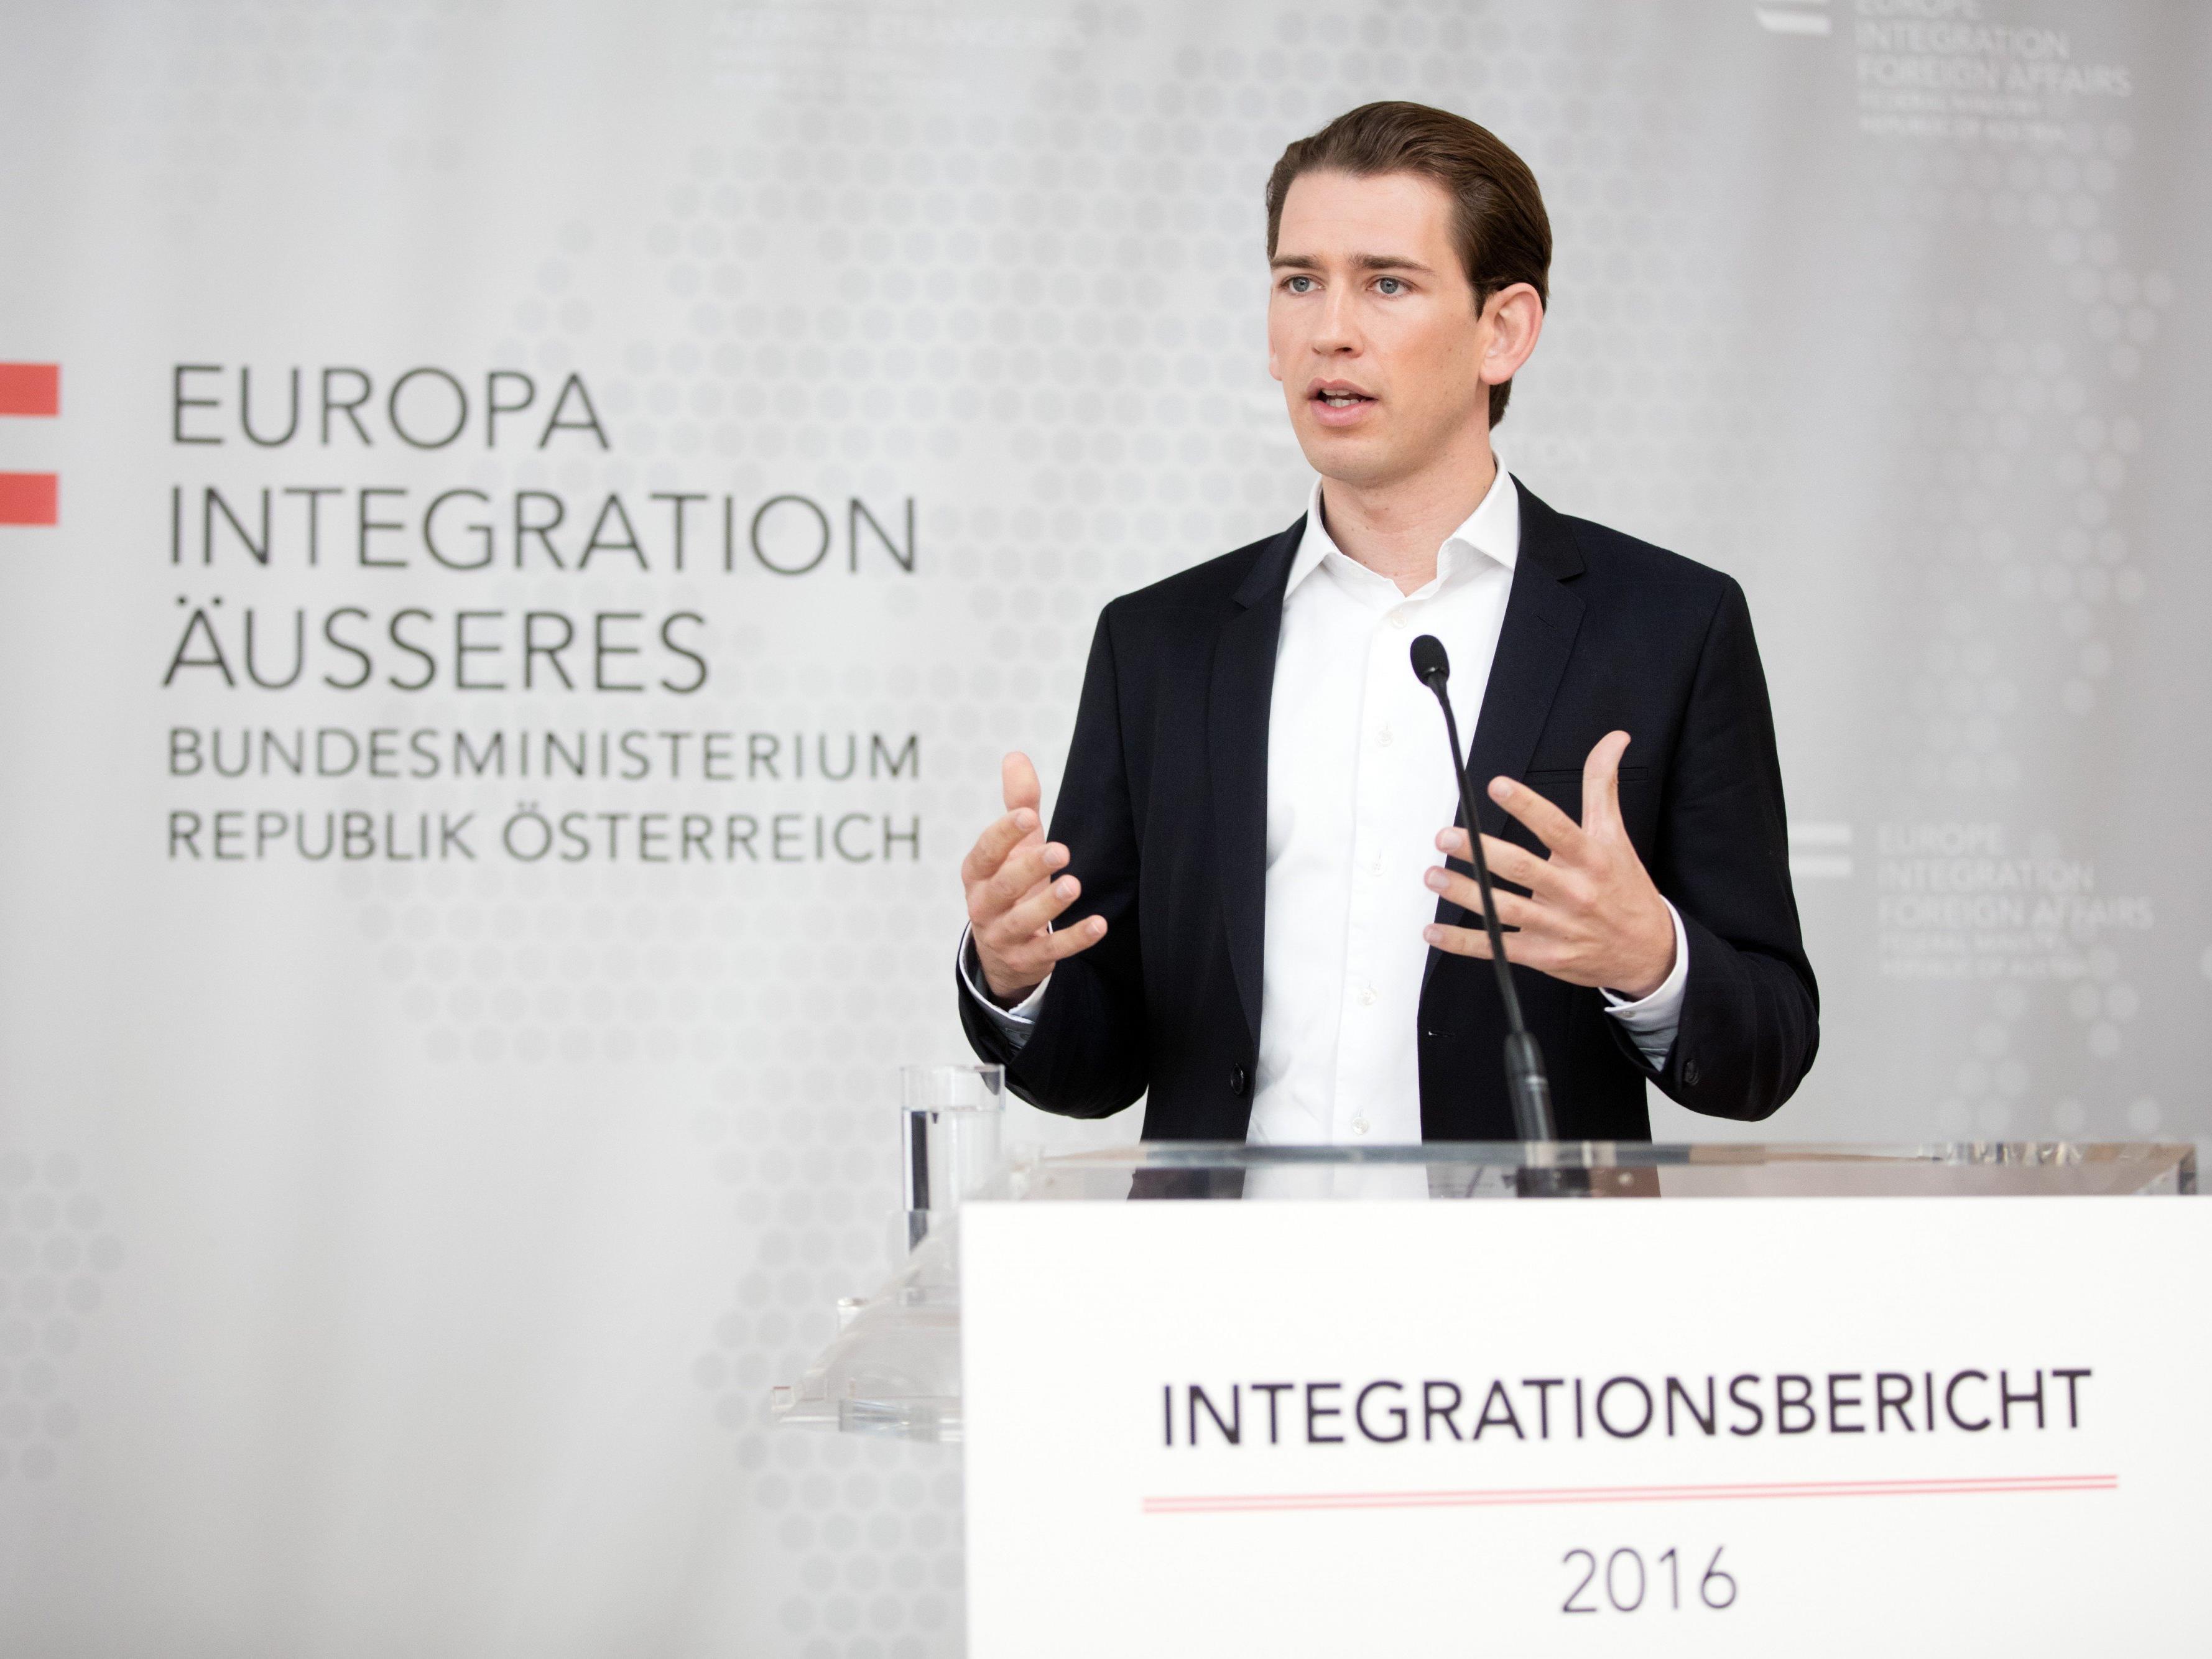 Bewerten Sie die österreichische Integrationspolitik als erfolgreich?